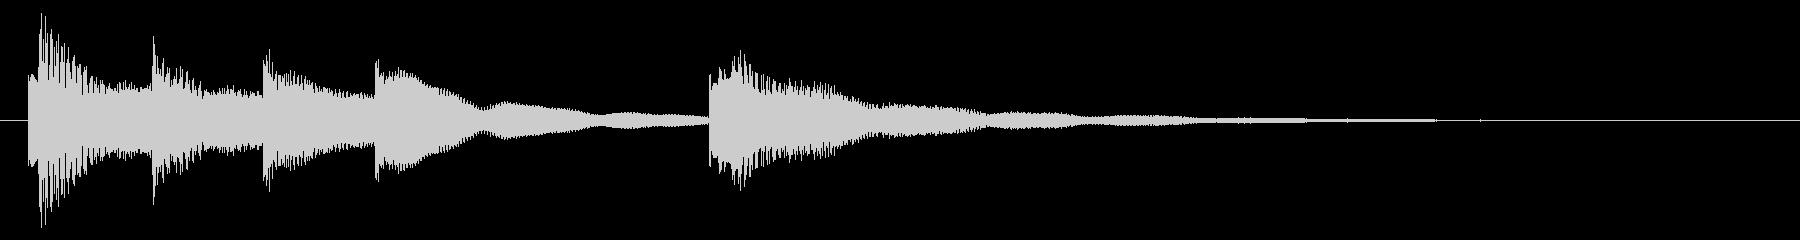 穏やかなアコギとピアノのジングルの未再生の波形